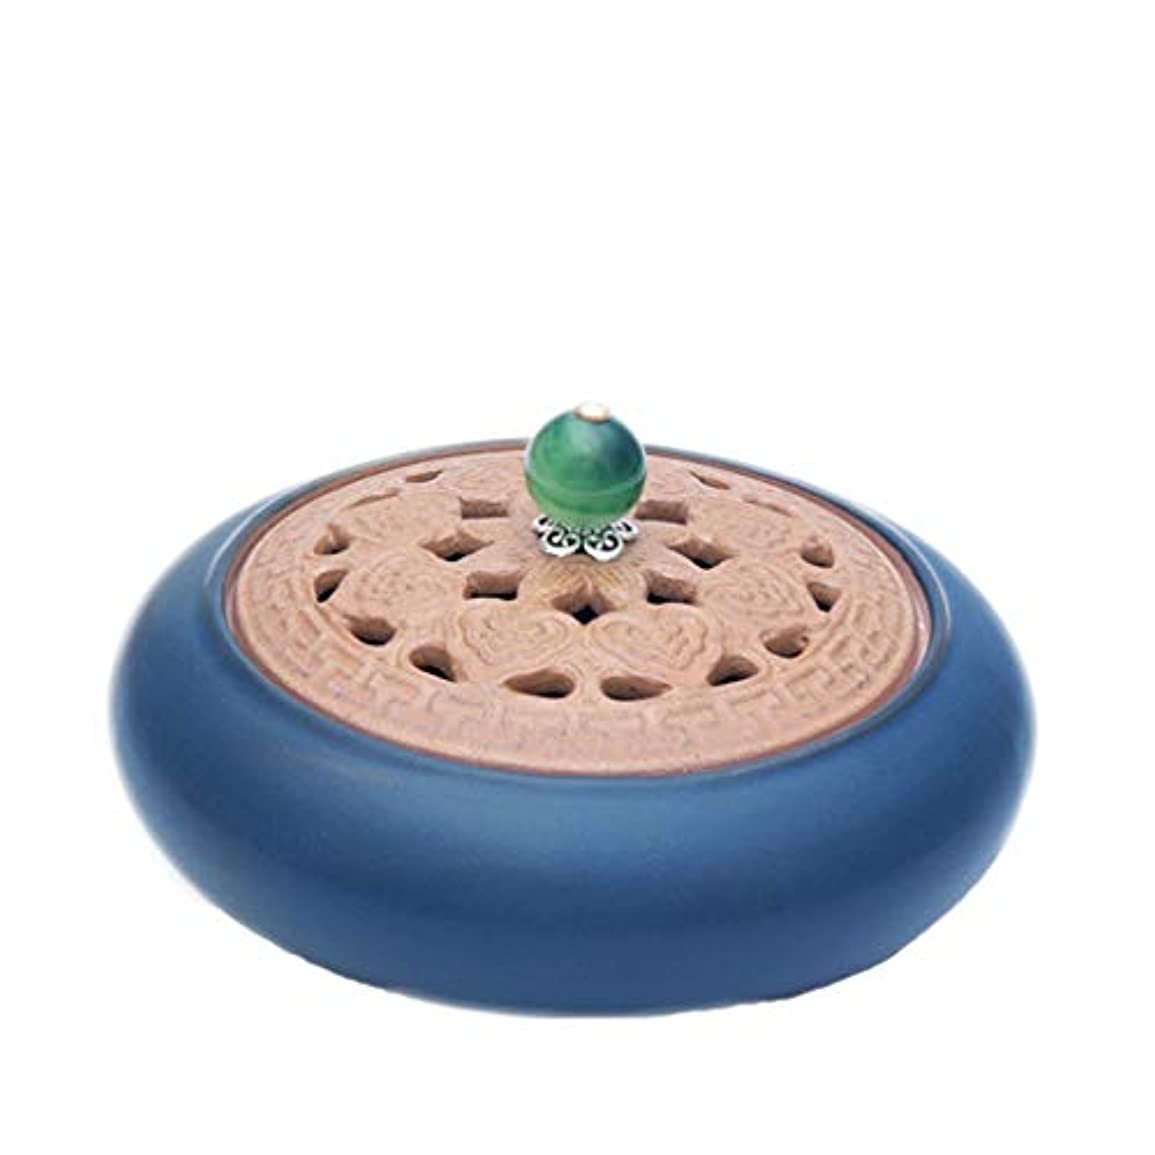 漏れアクティビティカウンターパート芳香器?アロマバーナー アンティークセラミック小さな香バーナーホームインドアガーウッドハース香純粋な銅白檀炉アロマテラピー炉 アロマバーナー (Color : Green)